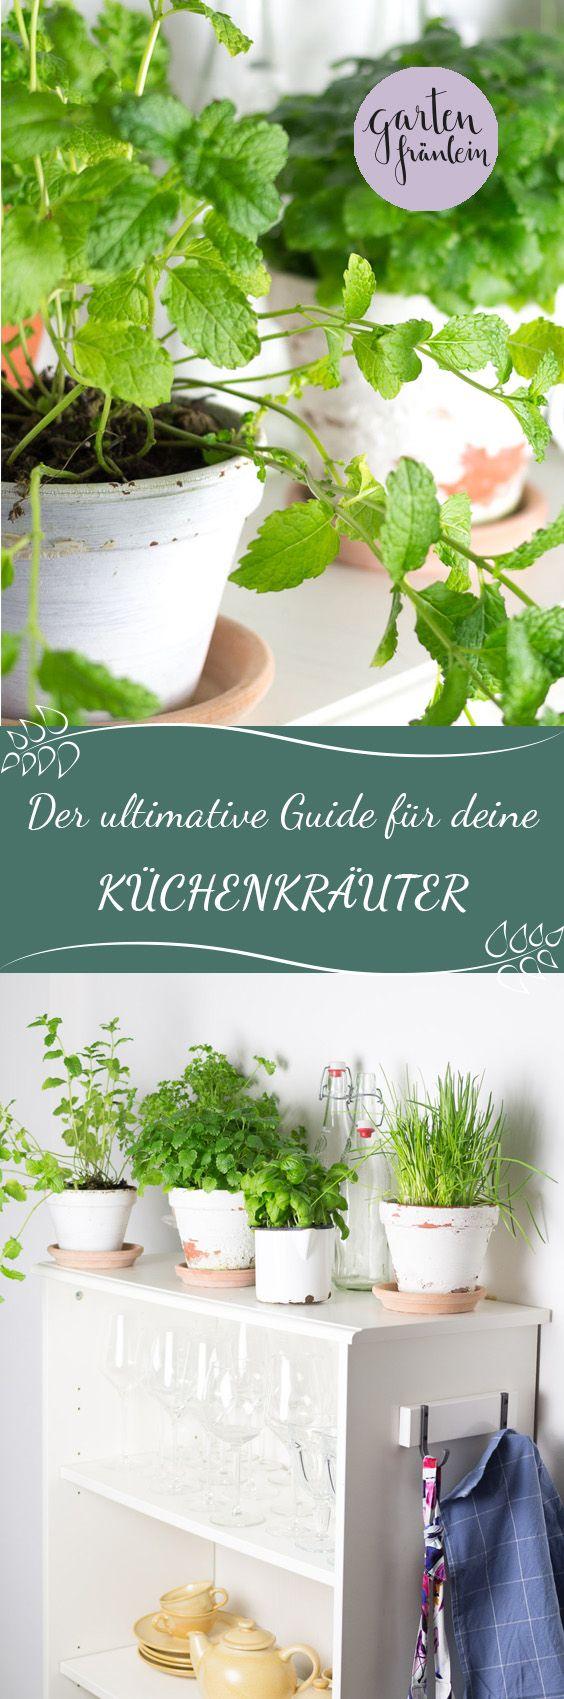 Der ultimative Guide für deine Küchenkräuter